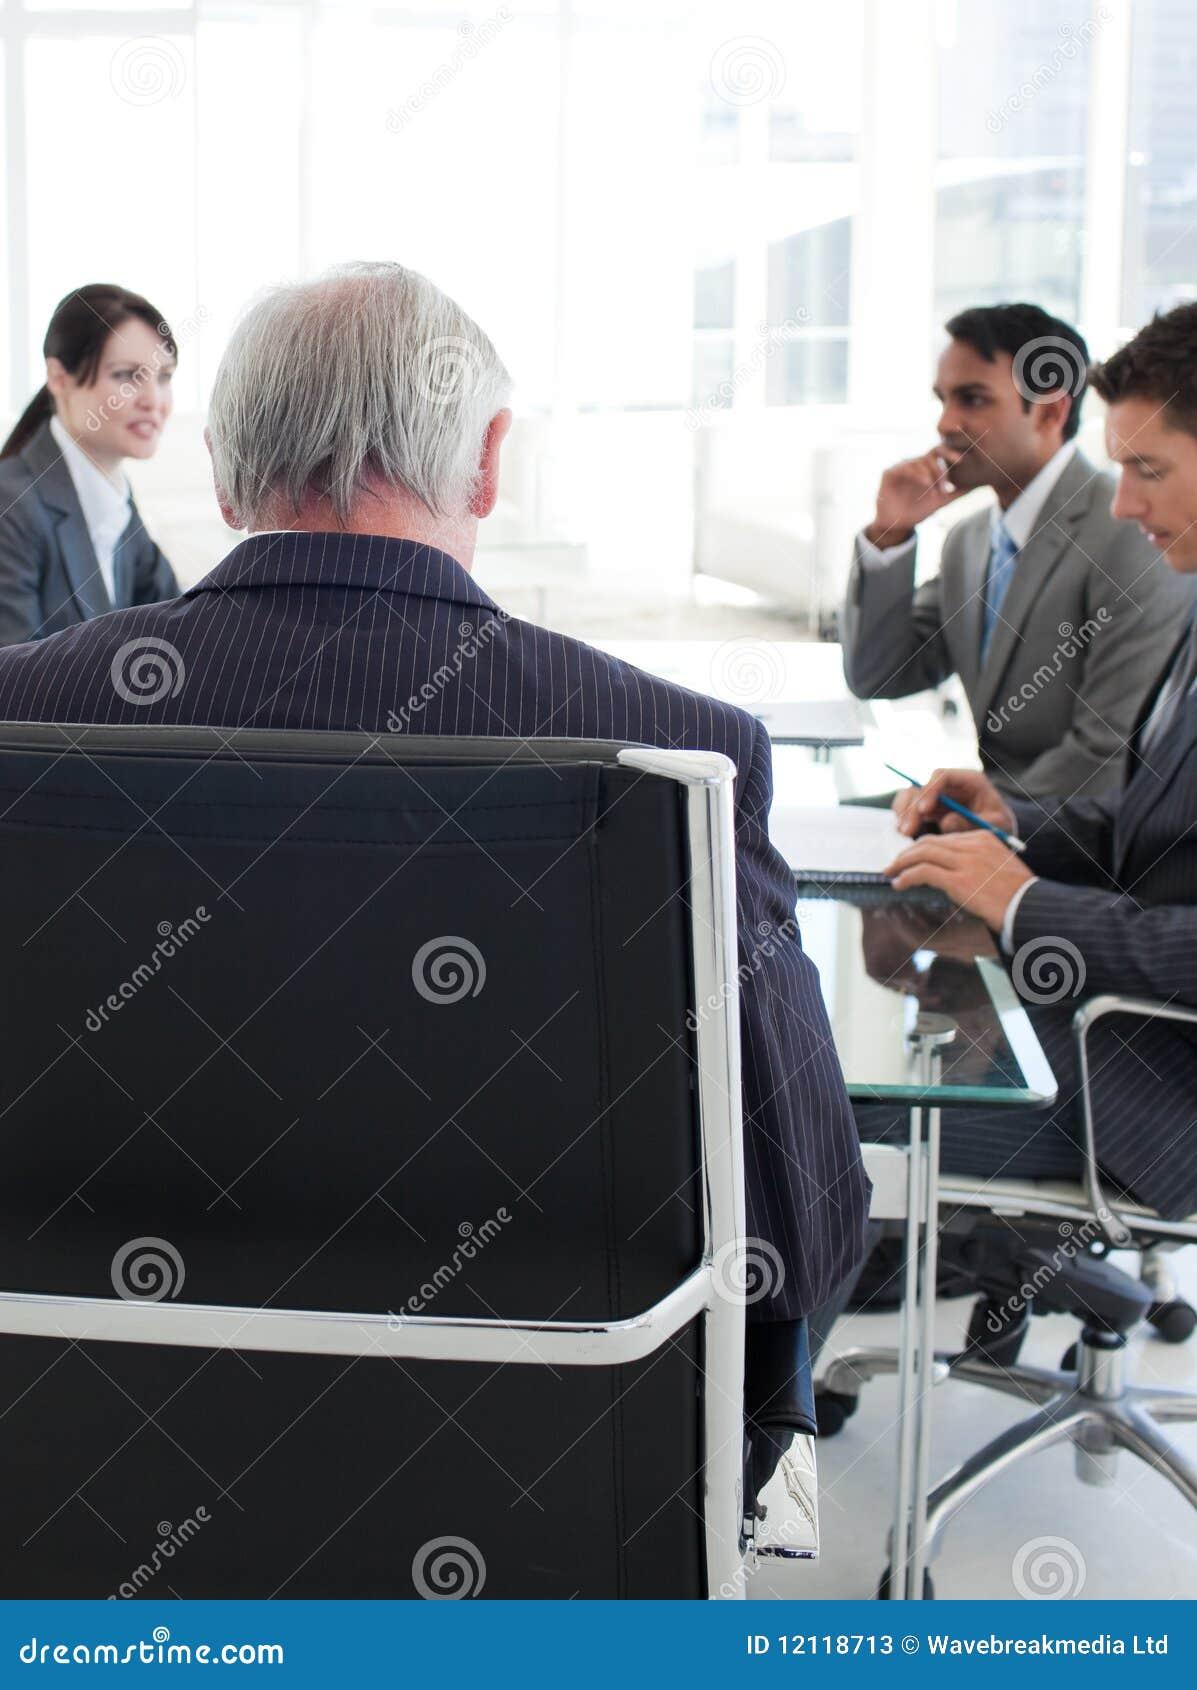 De hogere manager bekeek van erachter in een vergadering